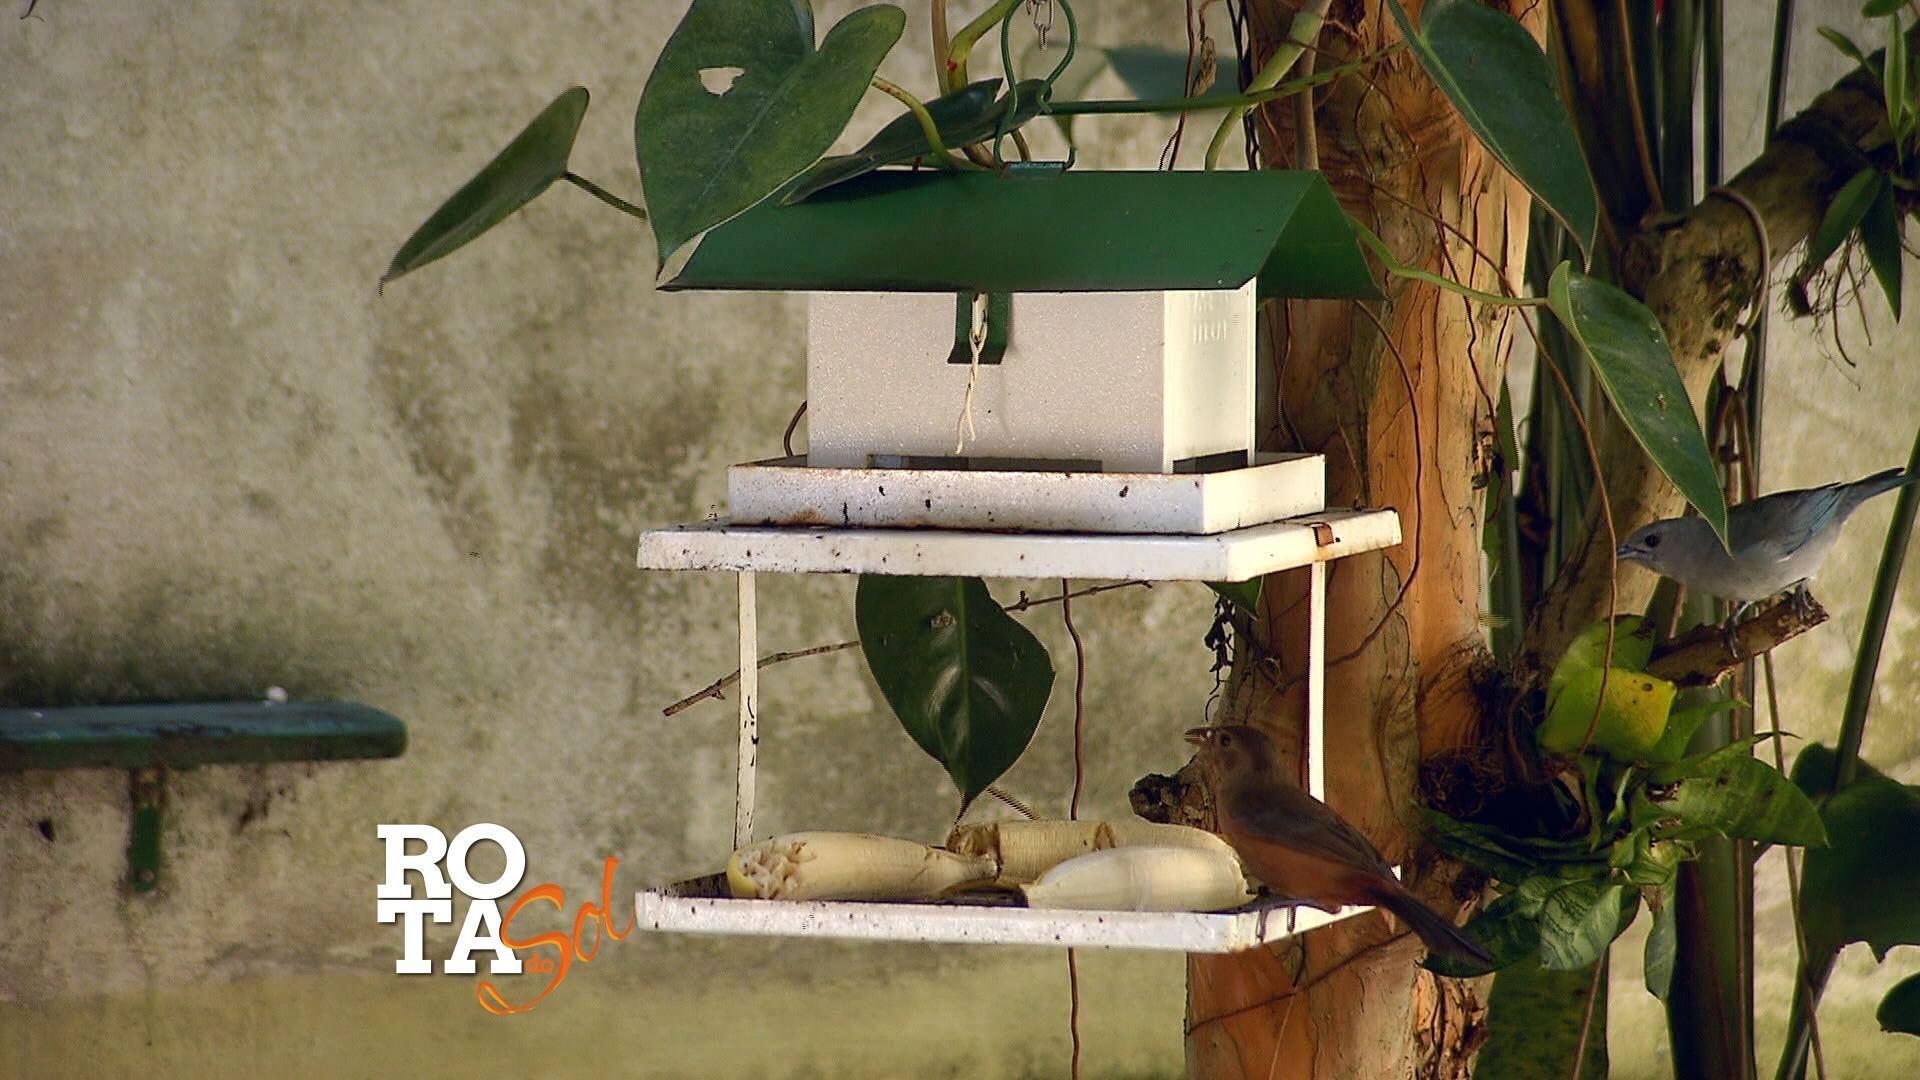 Pássaros são alimentados dentro dos prédios (Foto: Reprodução/TV Tribuna)